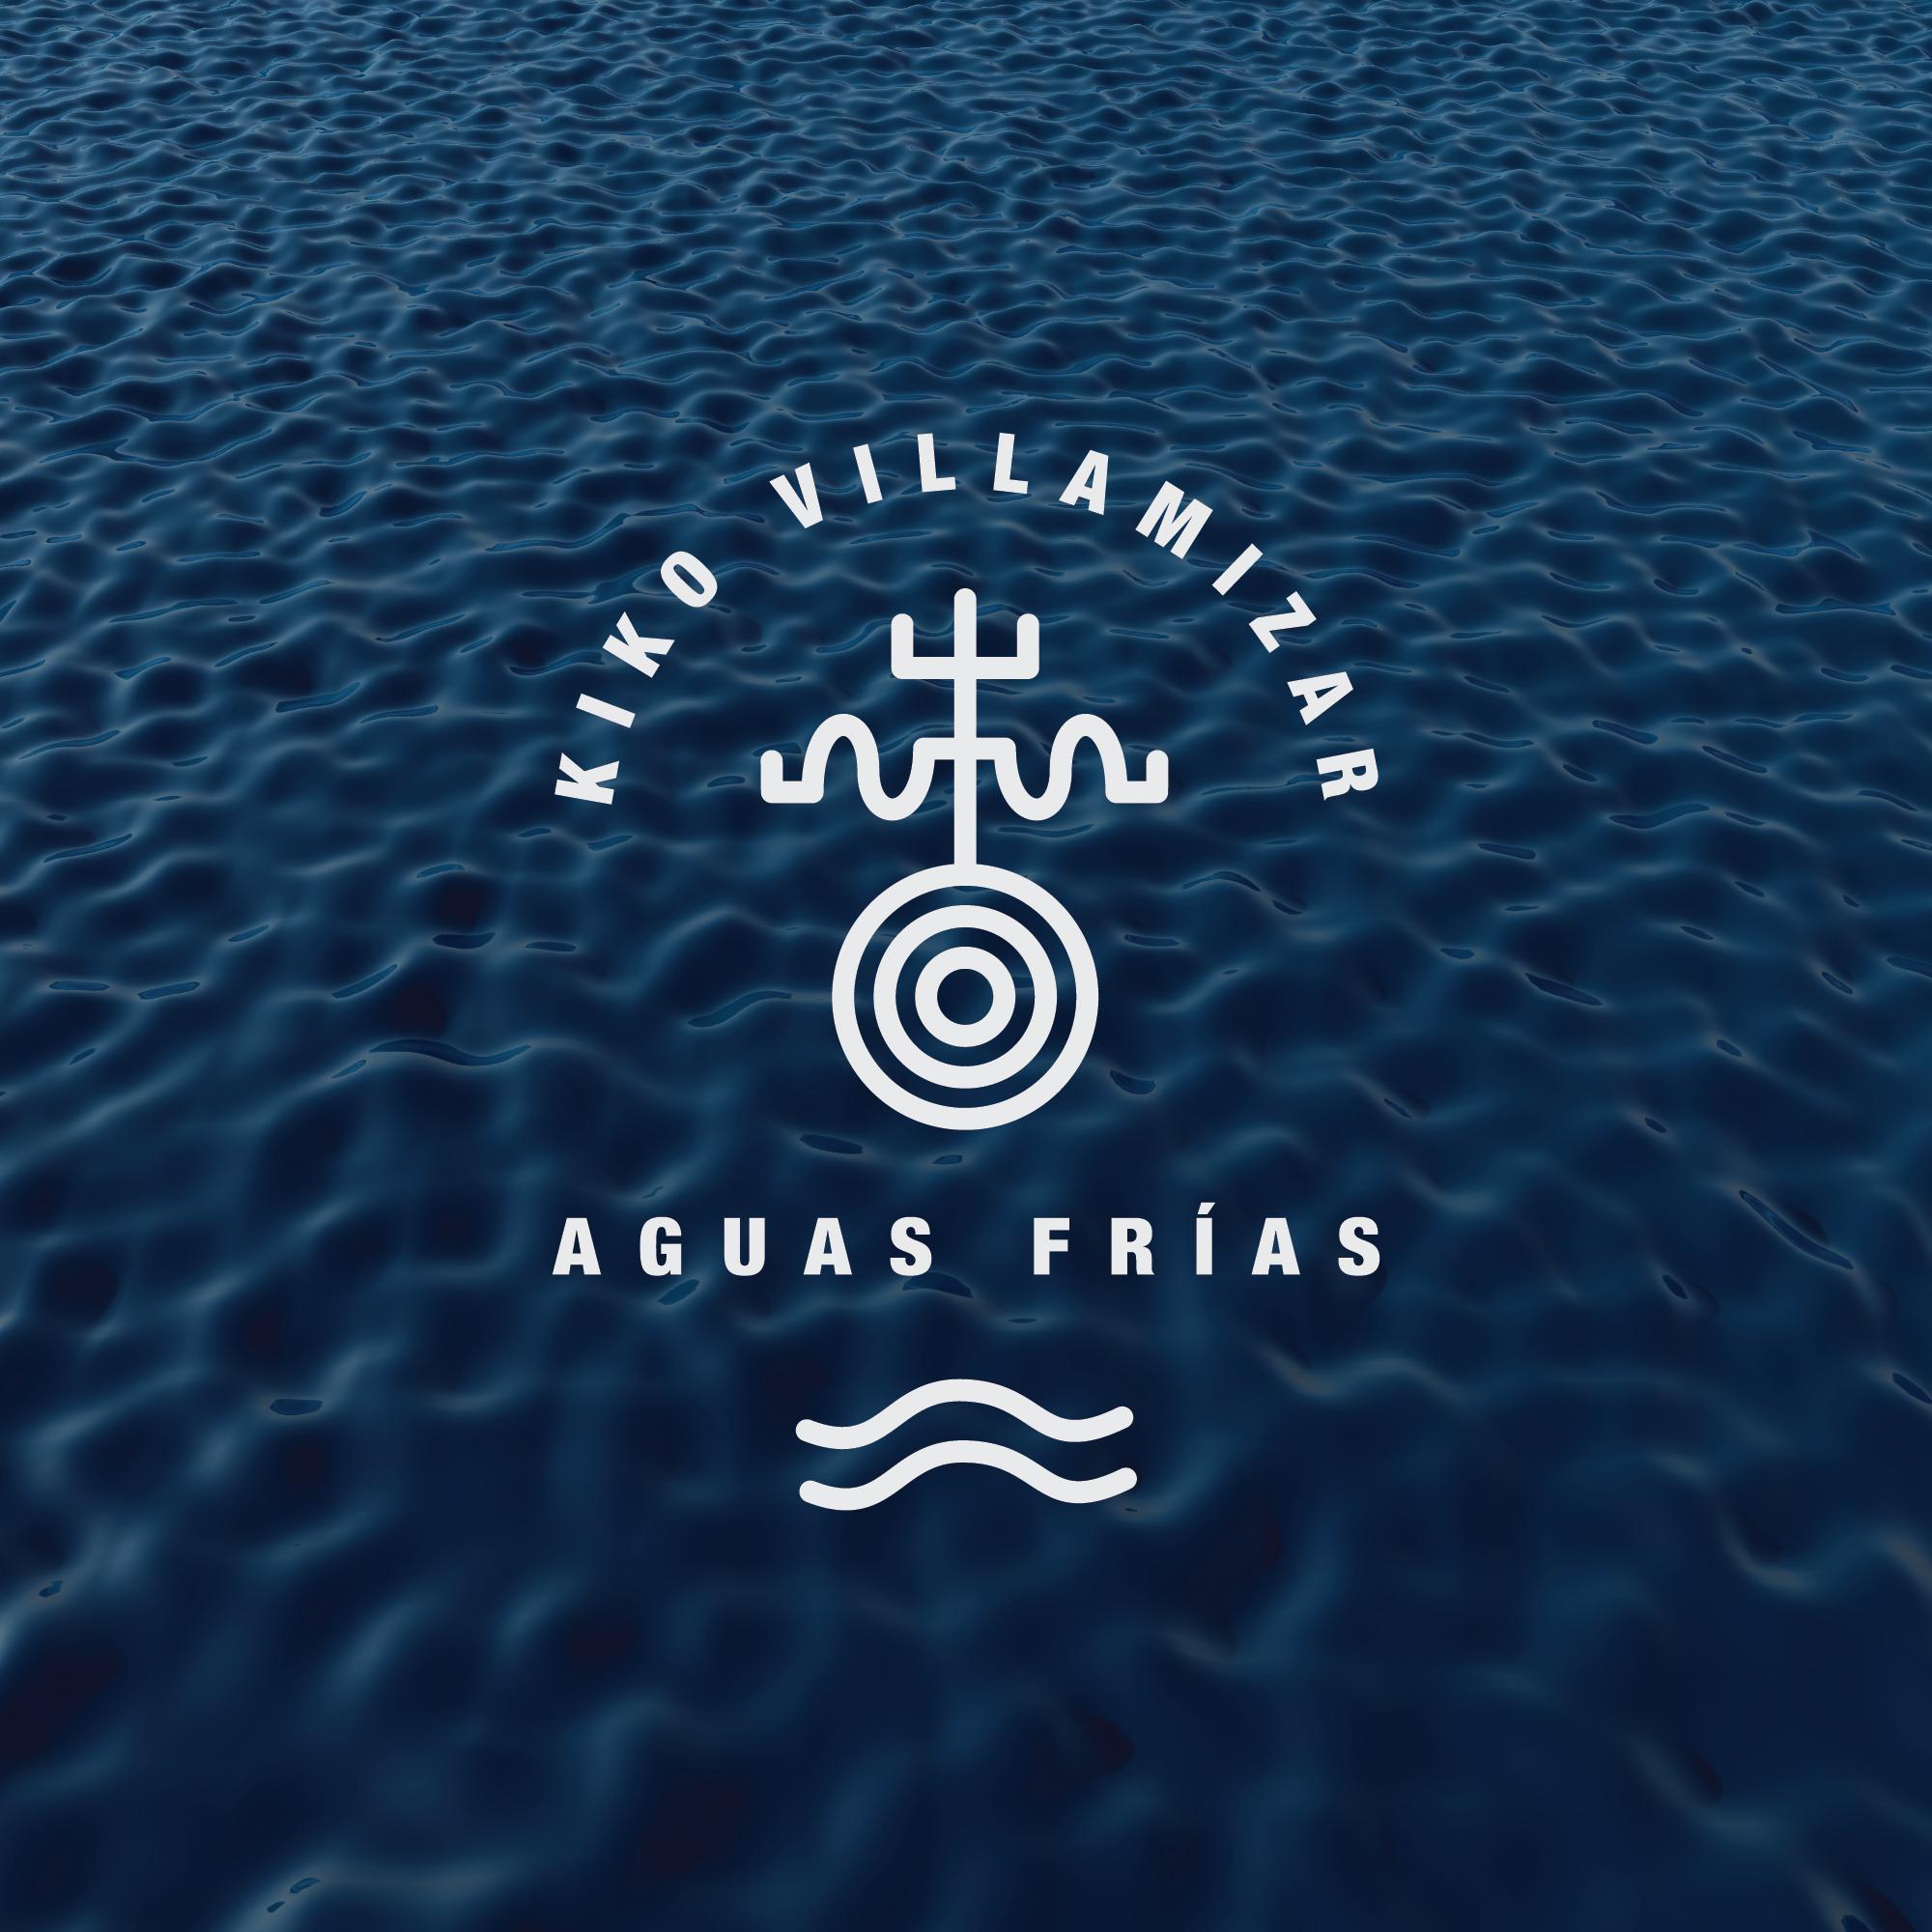 Aguas Frias Kiko Villamizar